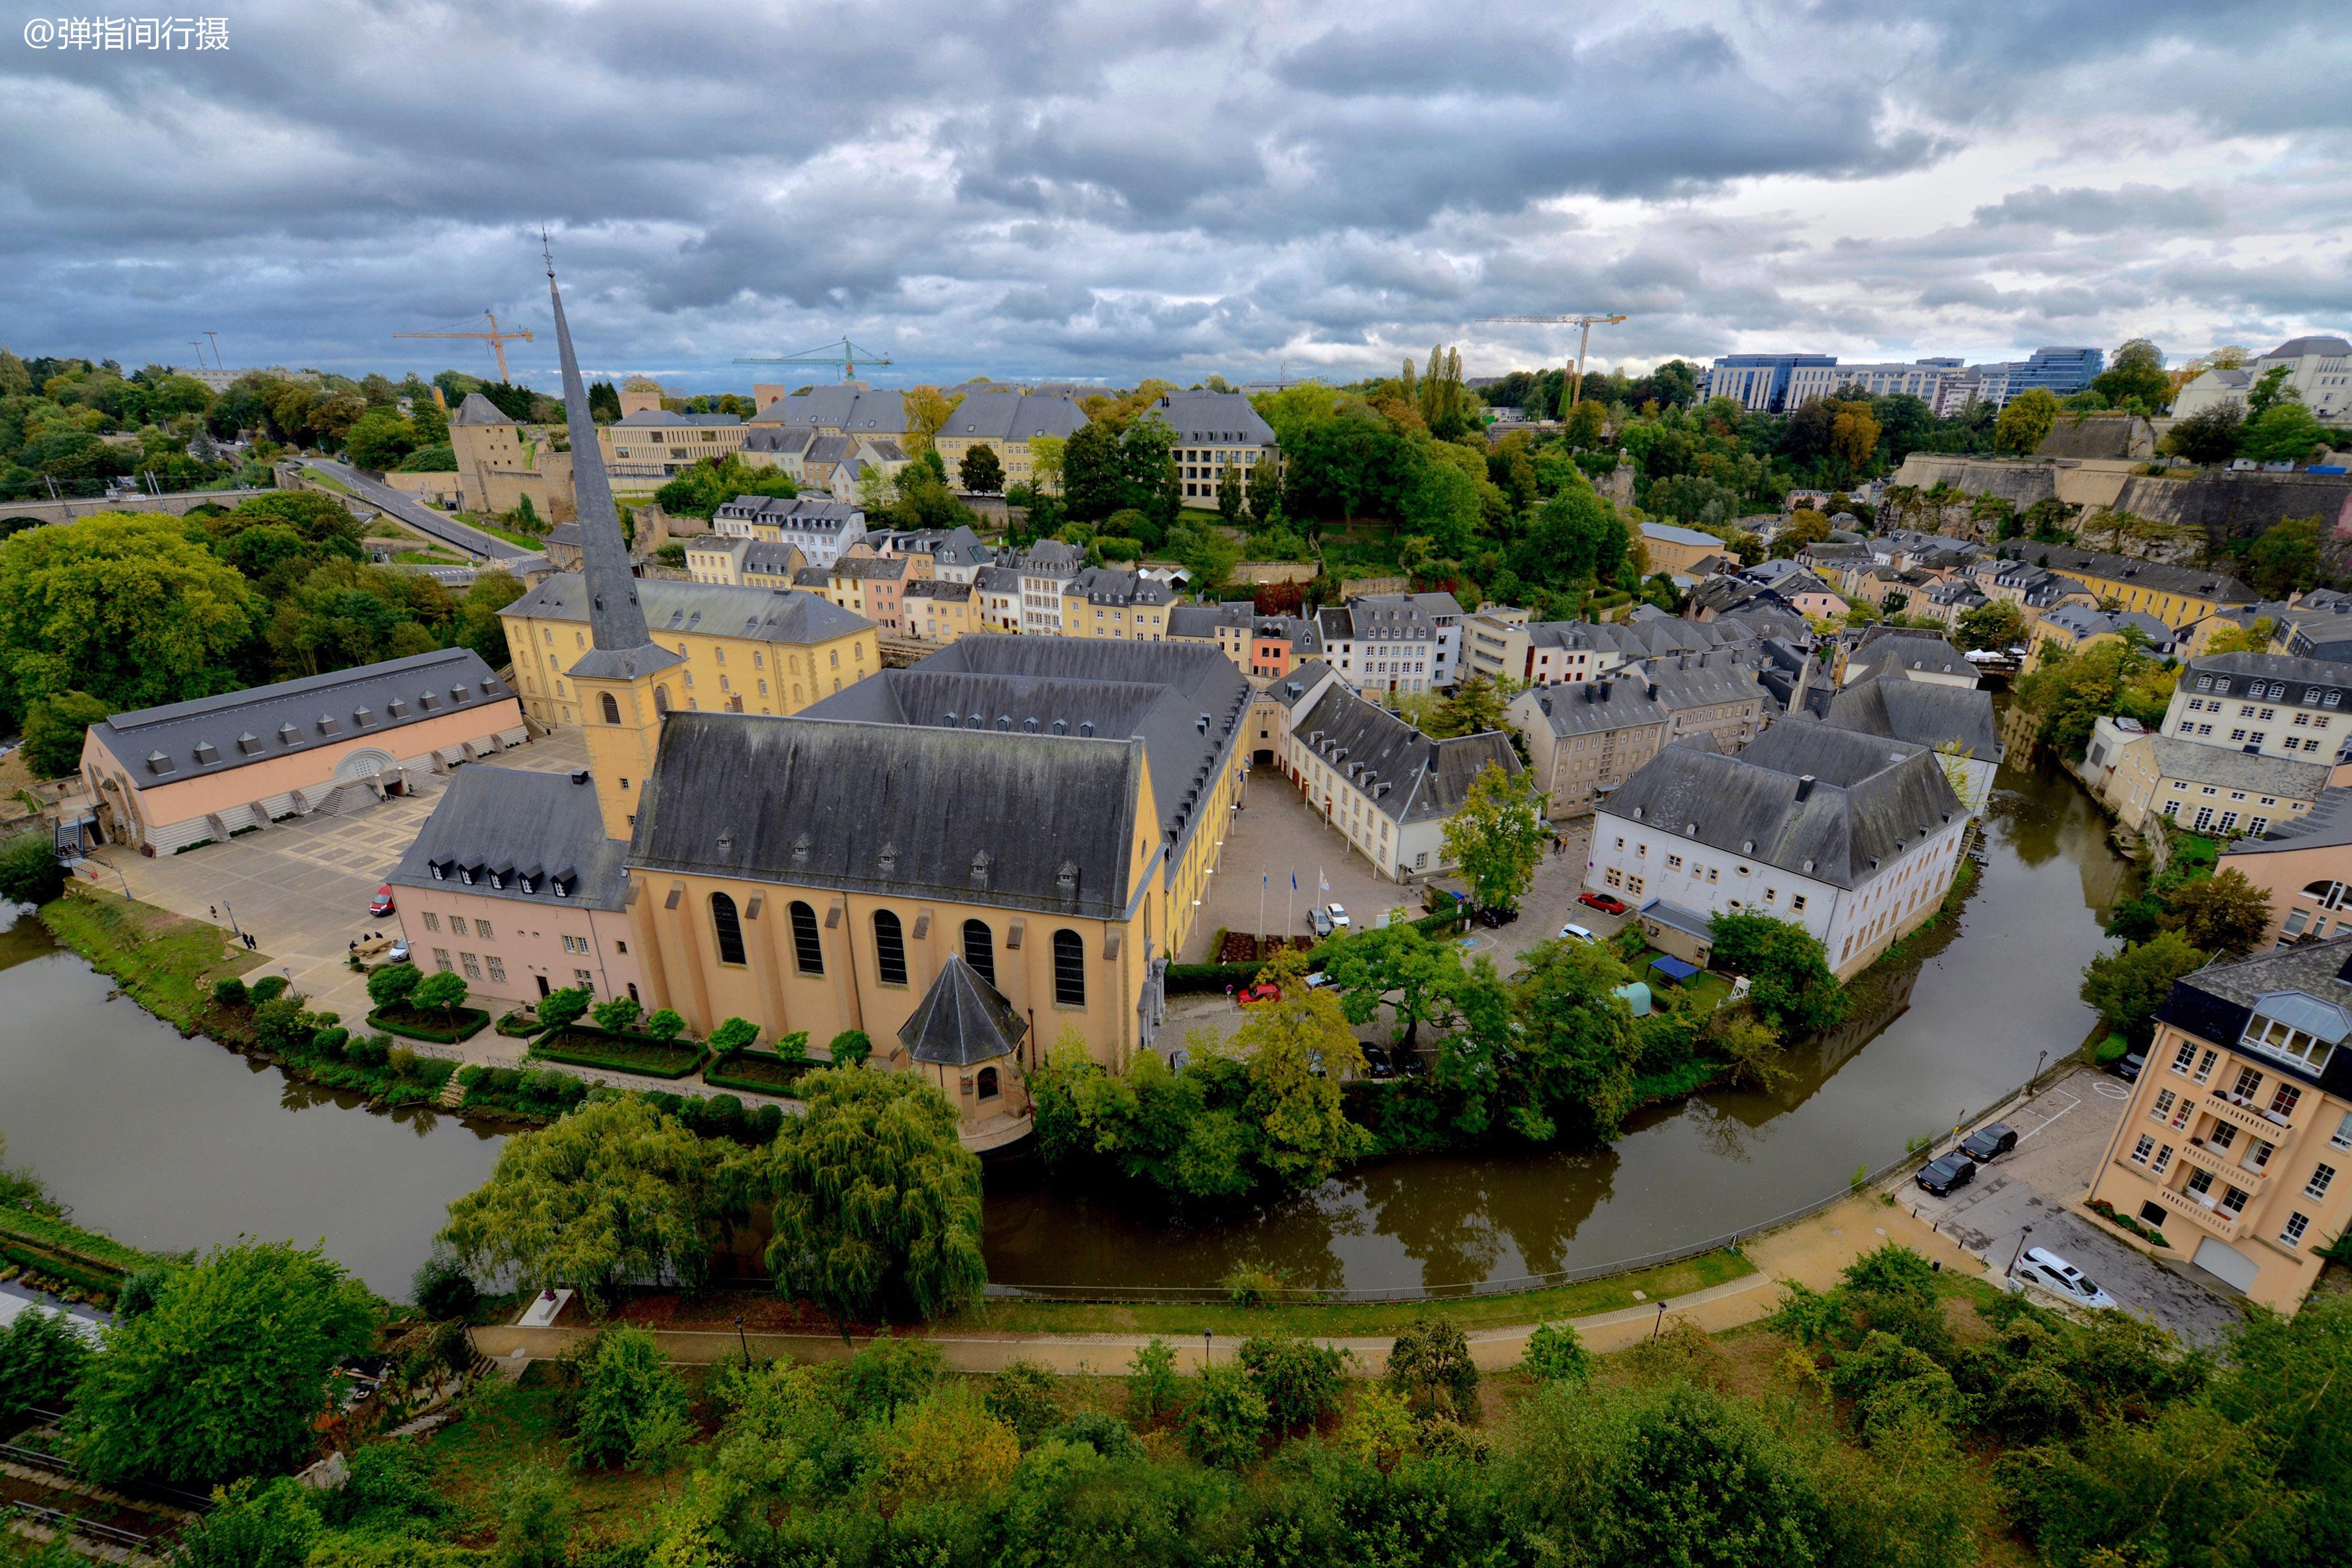 欧洲小国卢森堡:人口60万、人均GDP超11万美元、人均寿命超80岁